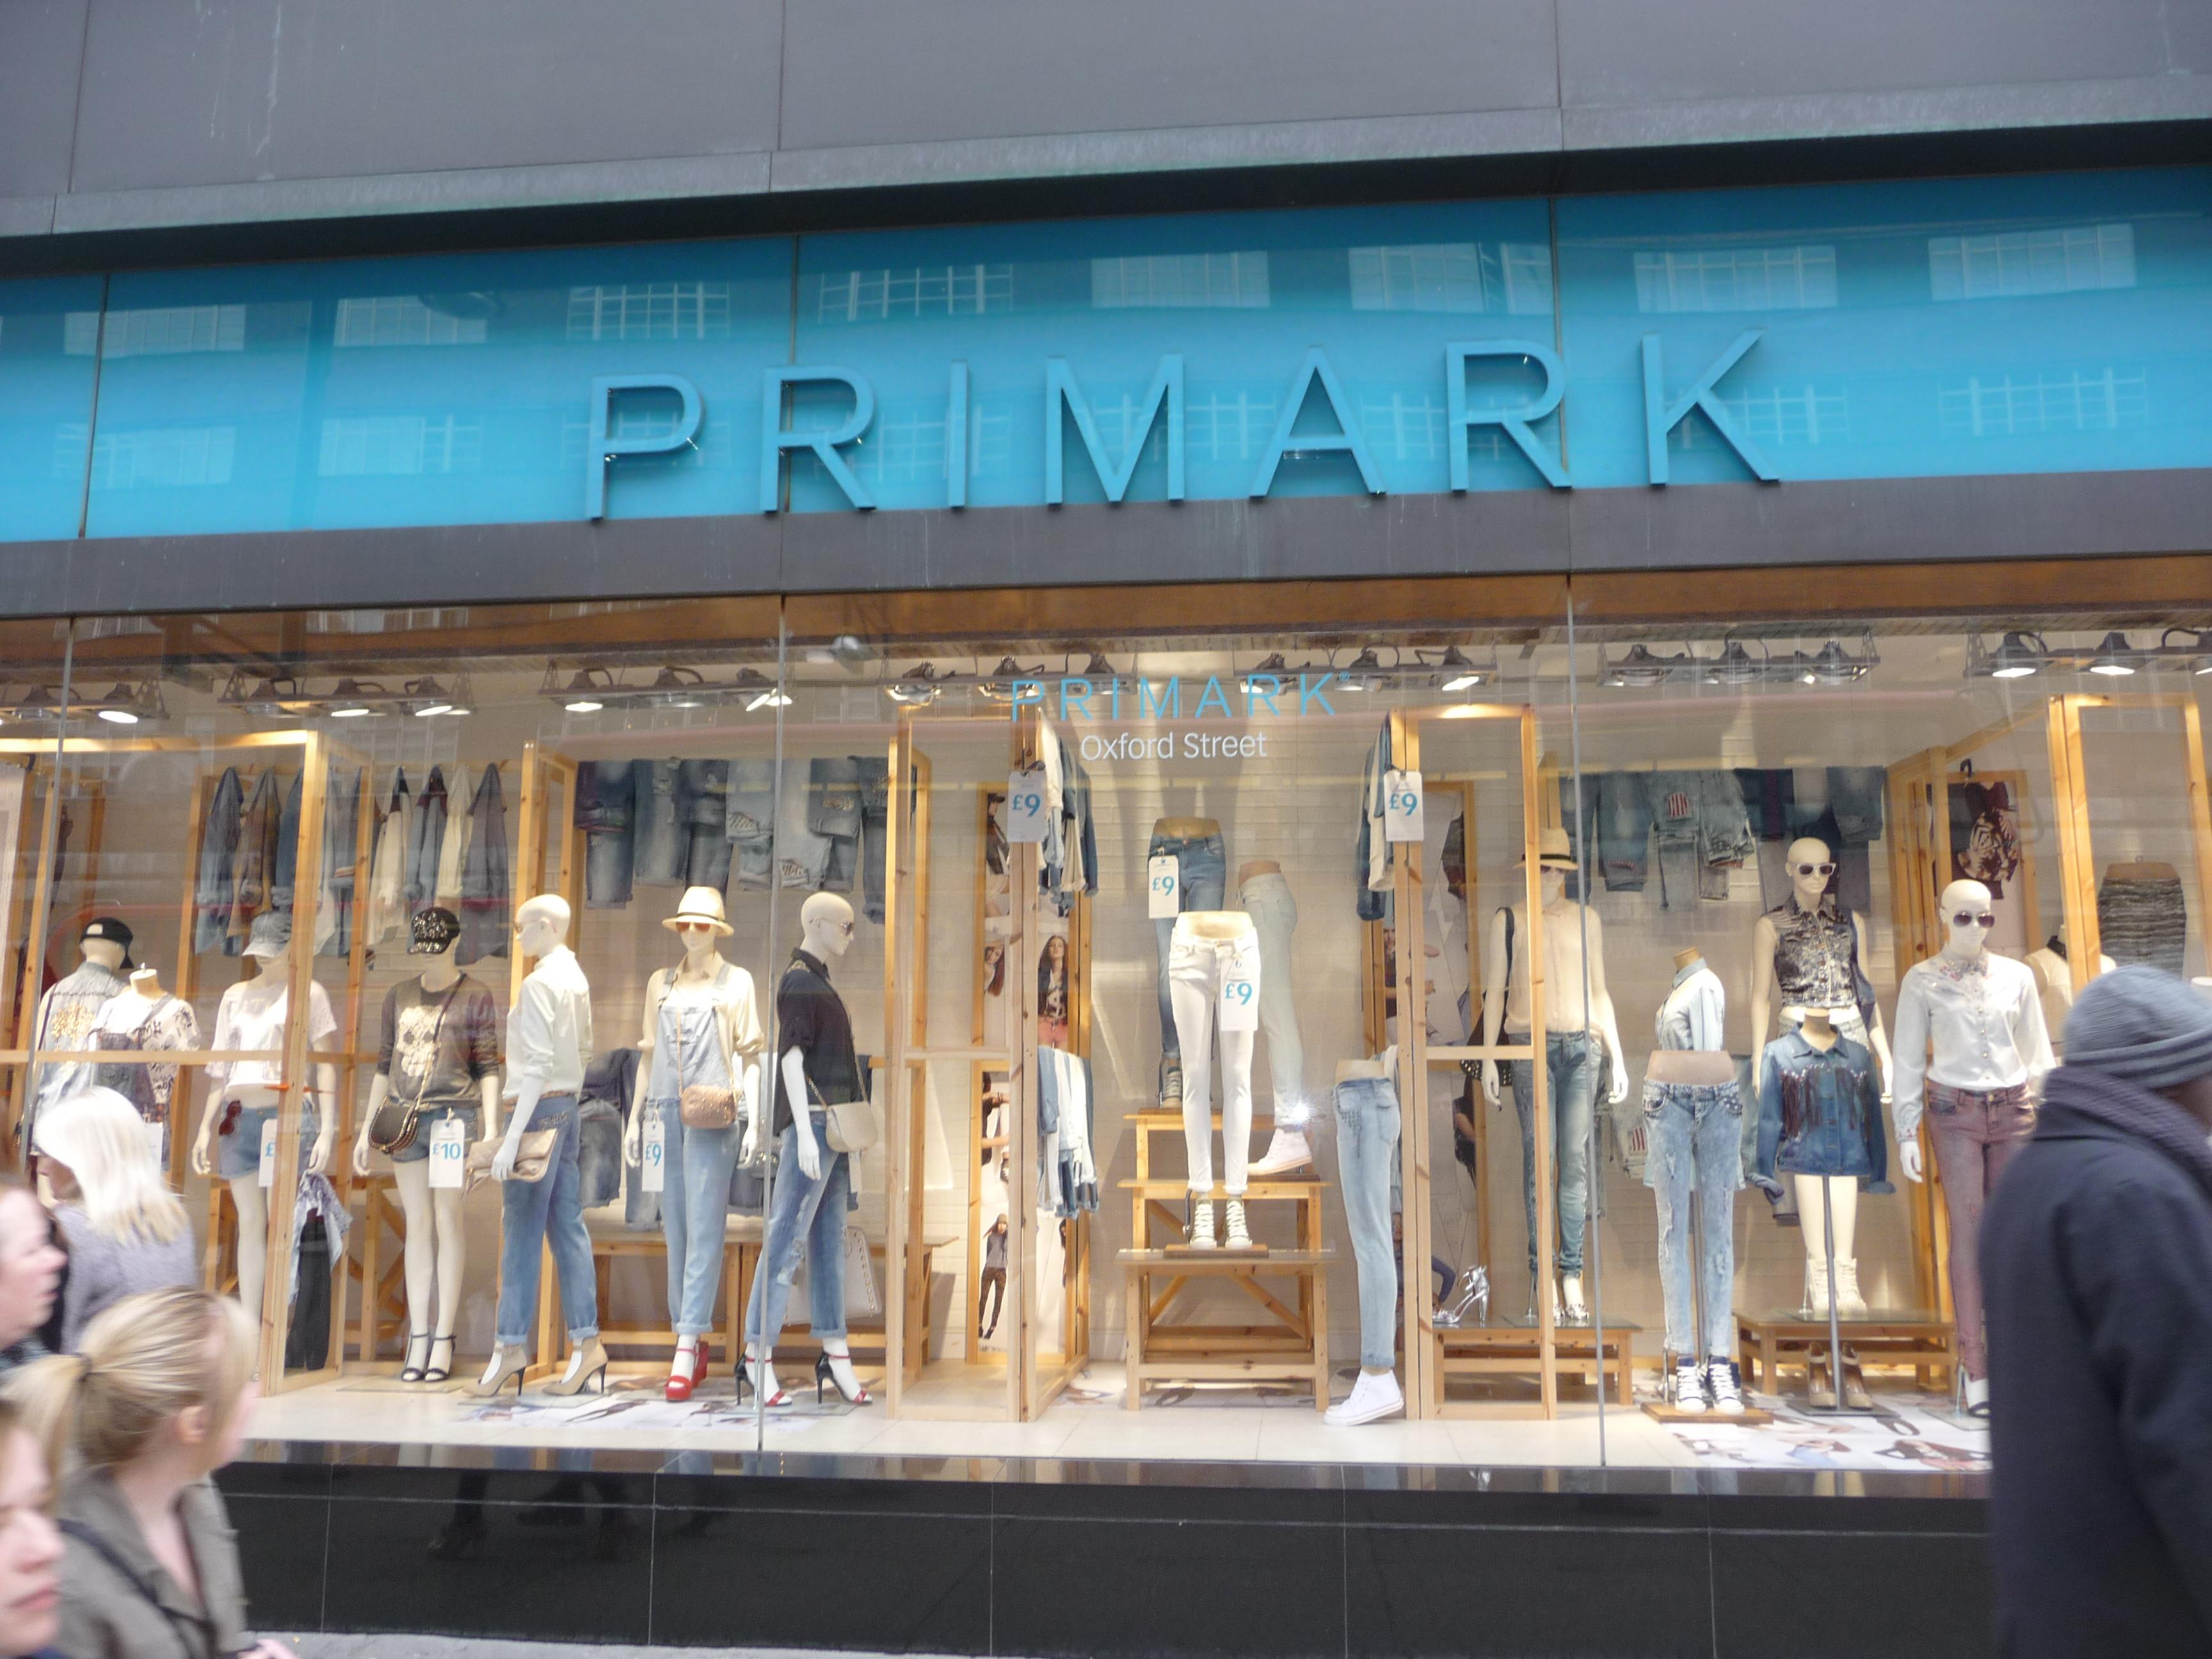 Potvrzeno  Primark otevře svou první prodejnu v centru Prahy ... 275b770a975